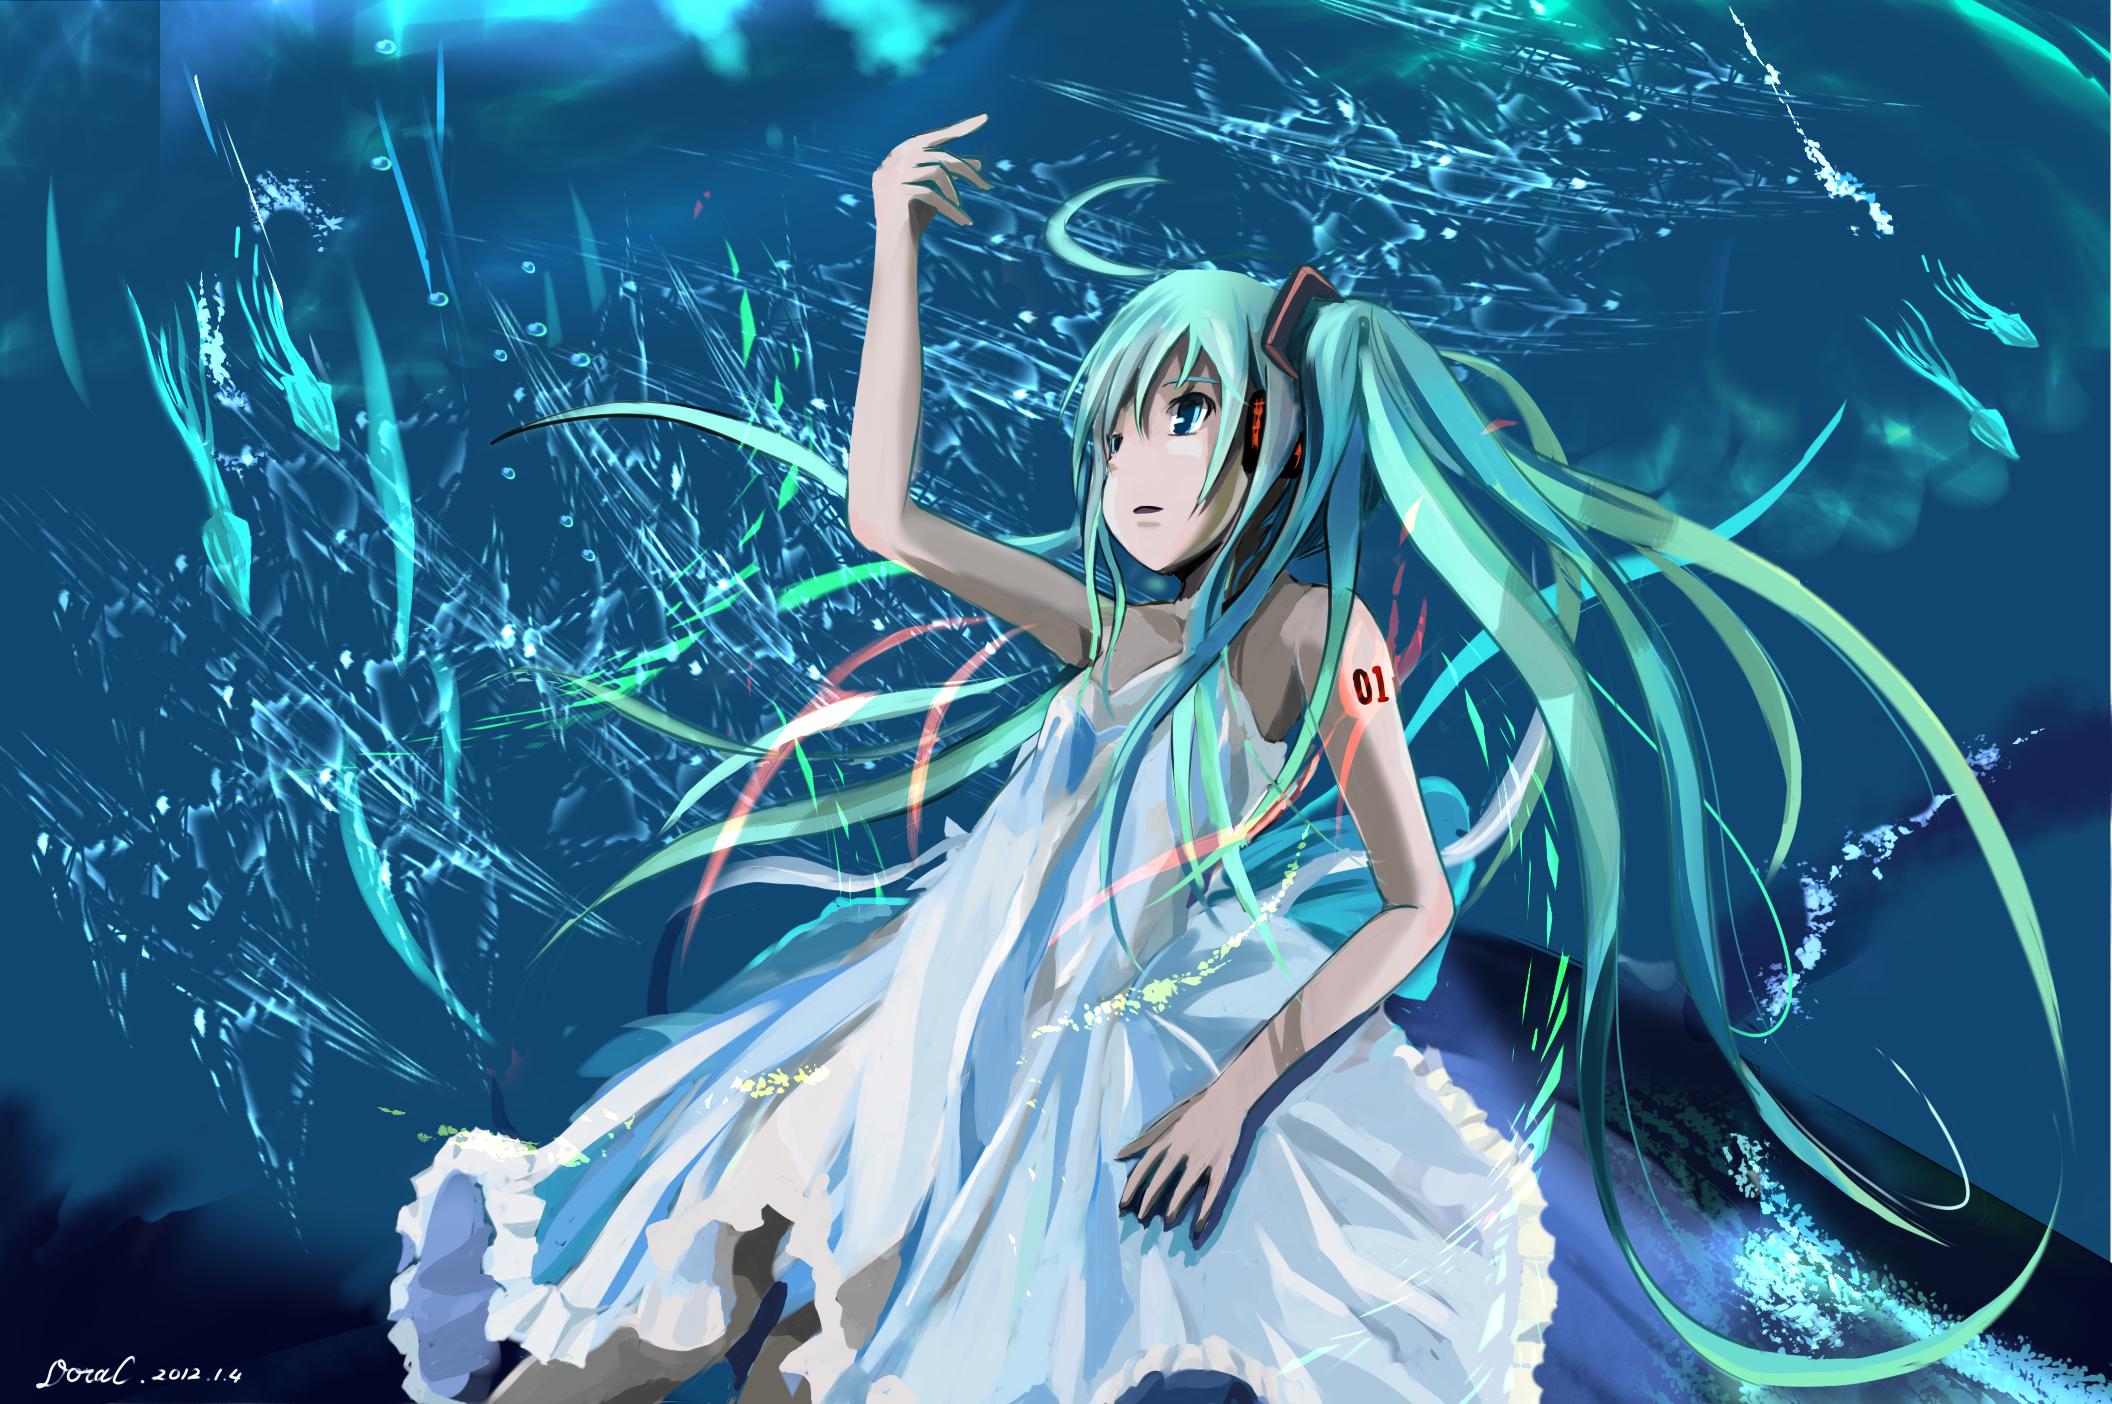 hatsune miku anime - photo #3